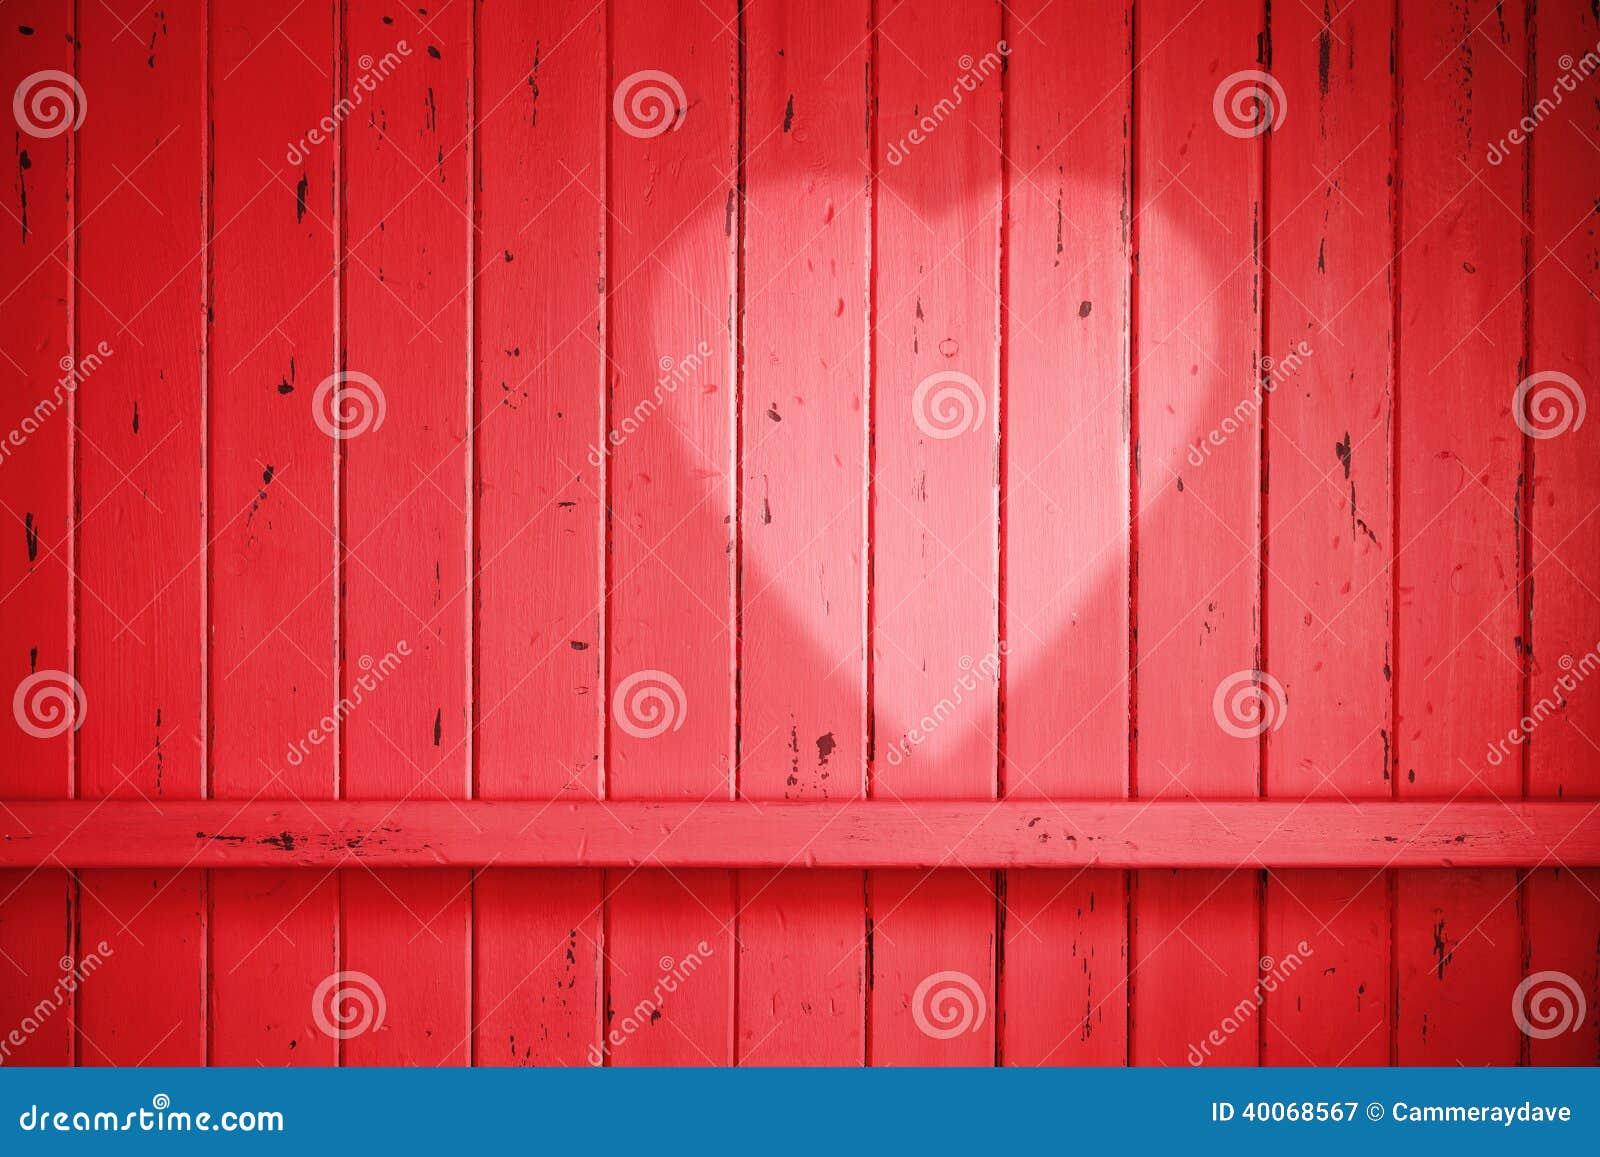 Red Love Valentine Heart Background